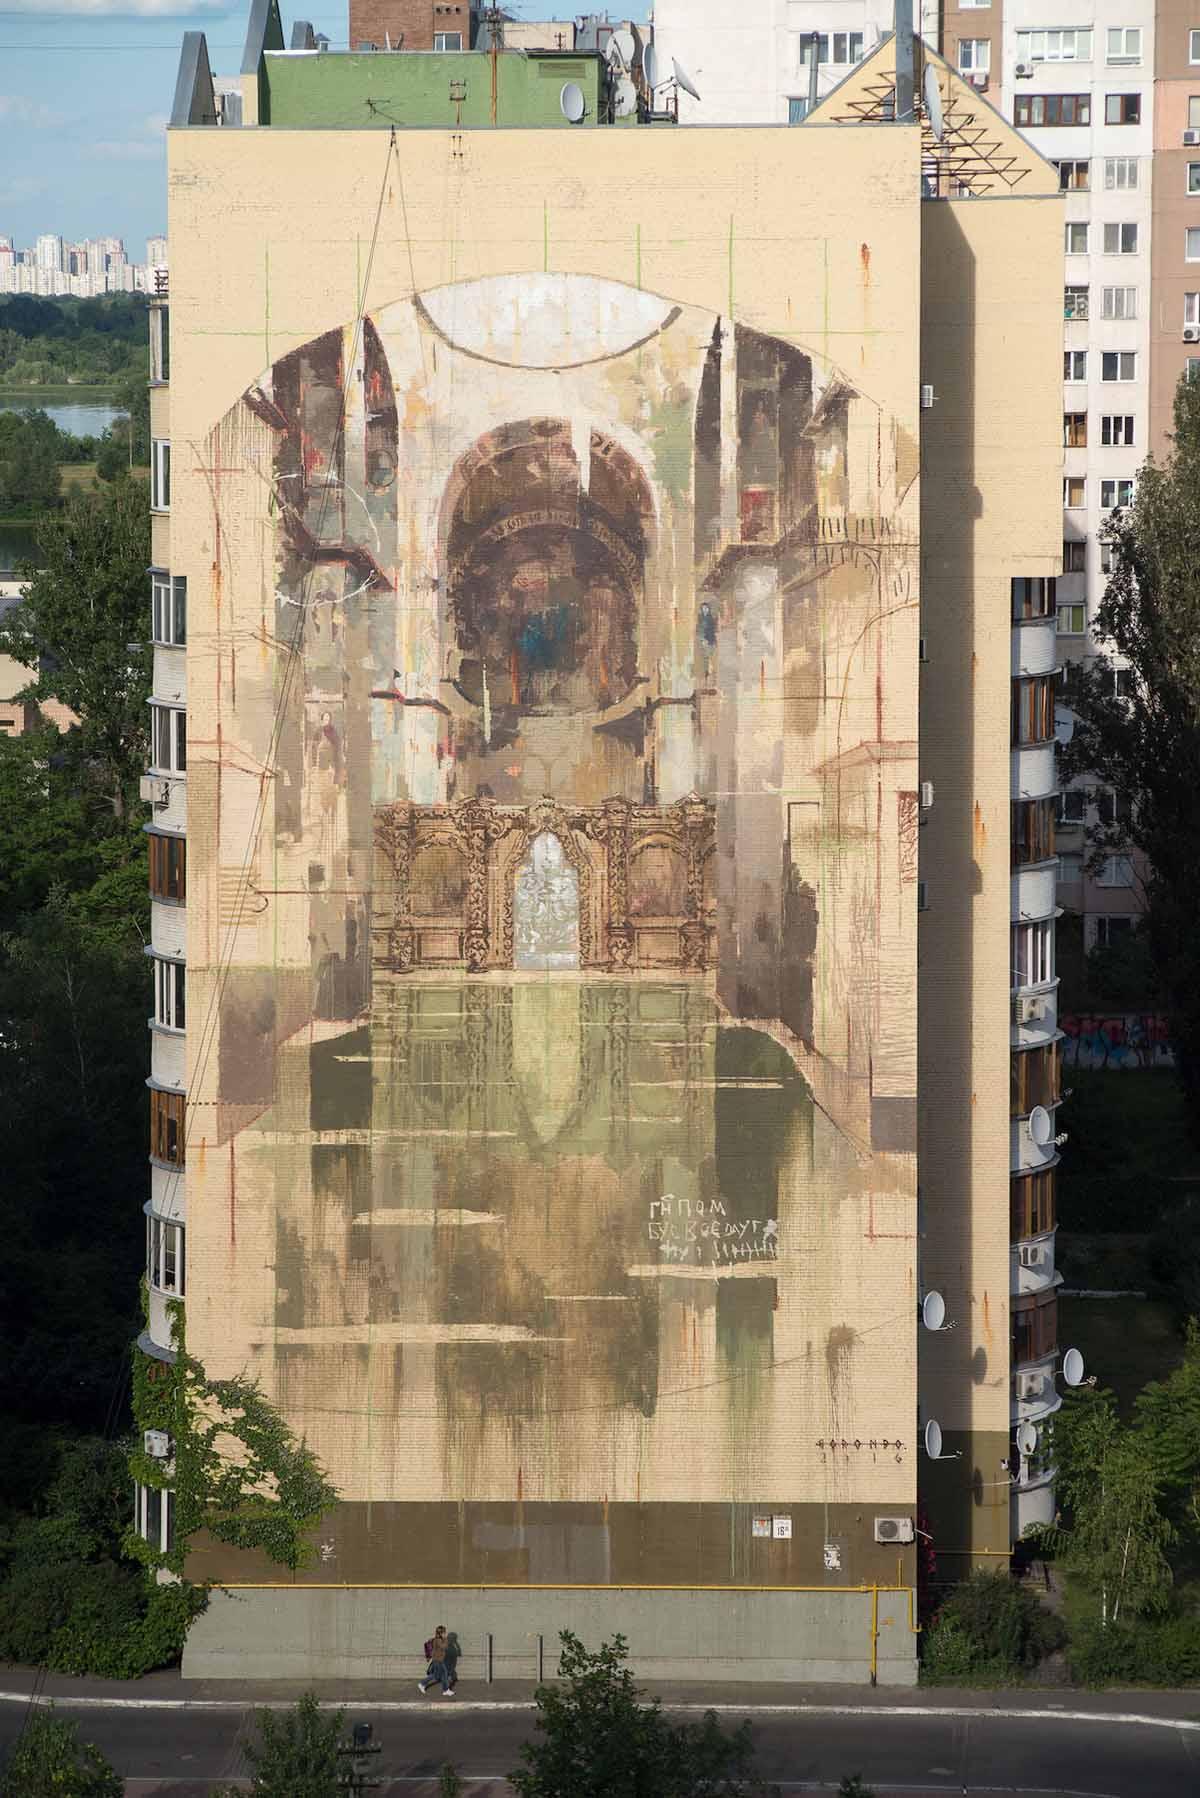 PORTALS_-Mural-Social-Club-Kiev-UA-2016-ph-Maksim-Belousov-6